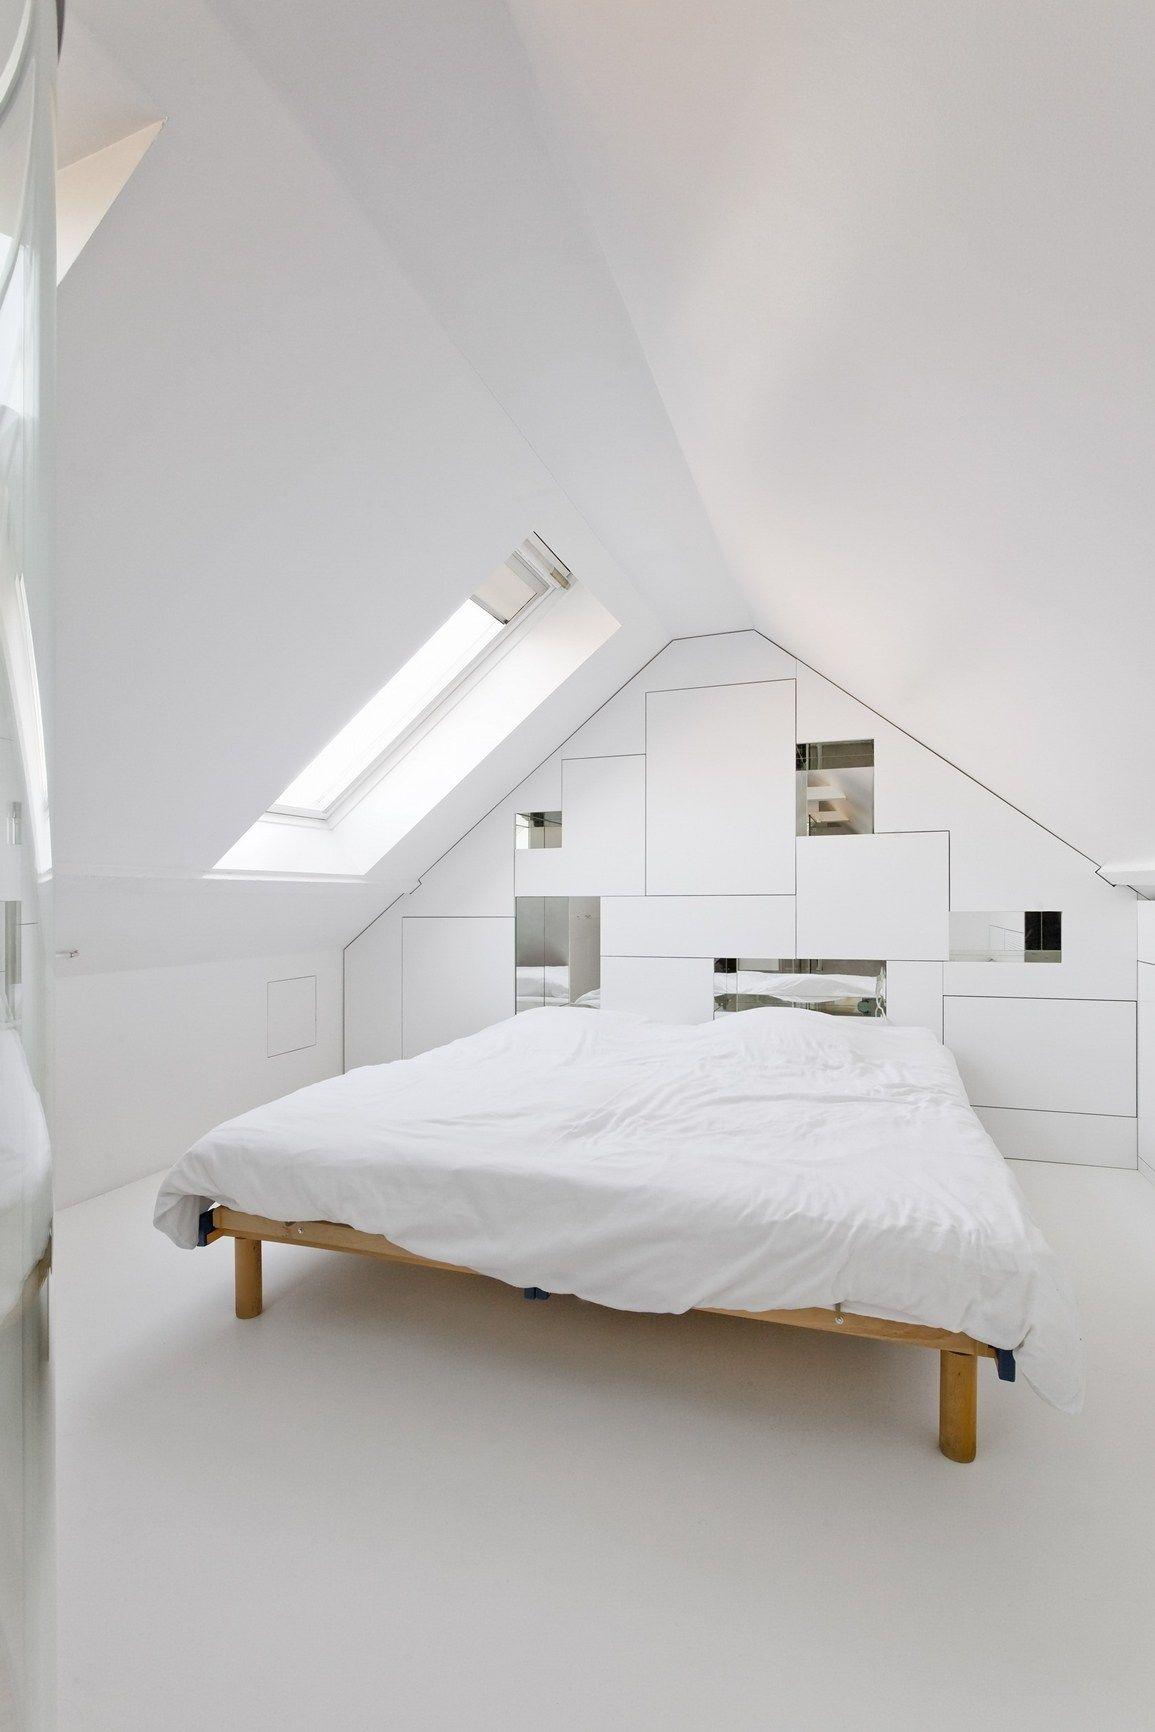 Faretti per mansarda legno: illuminazione led casa: gennaio 2014 ...